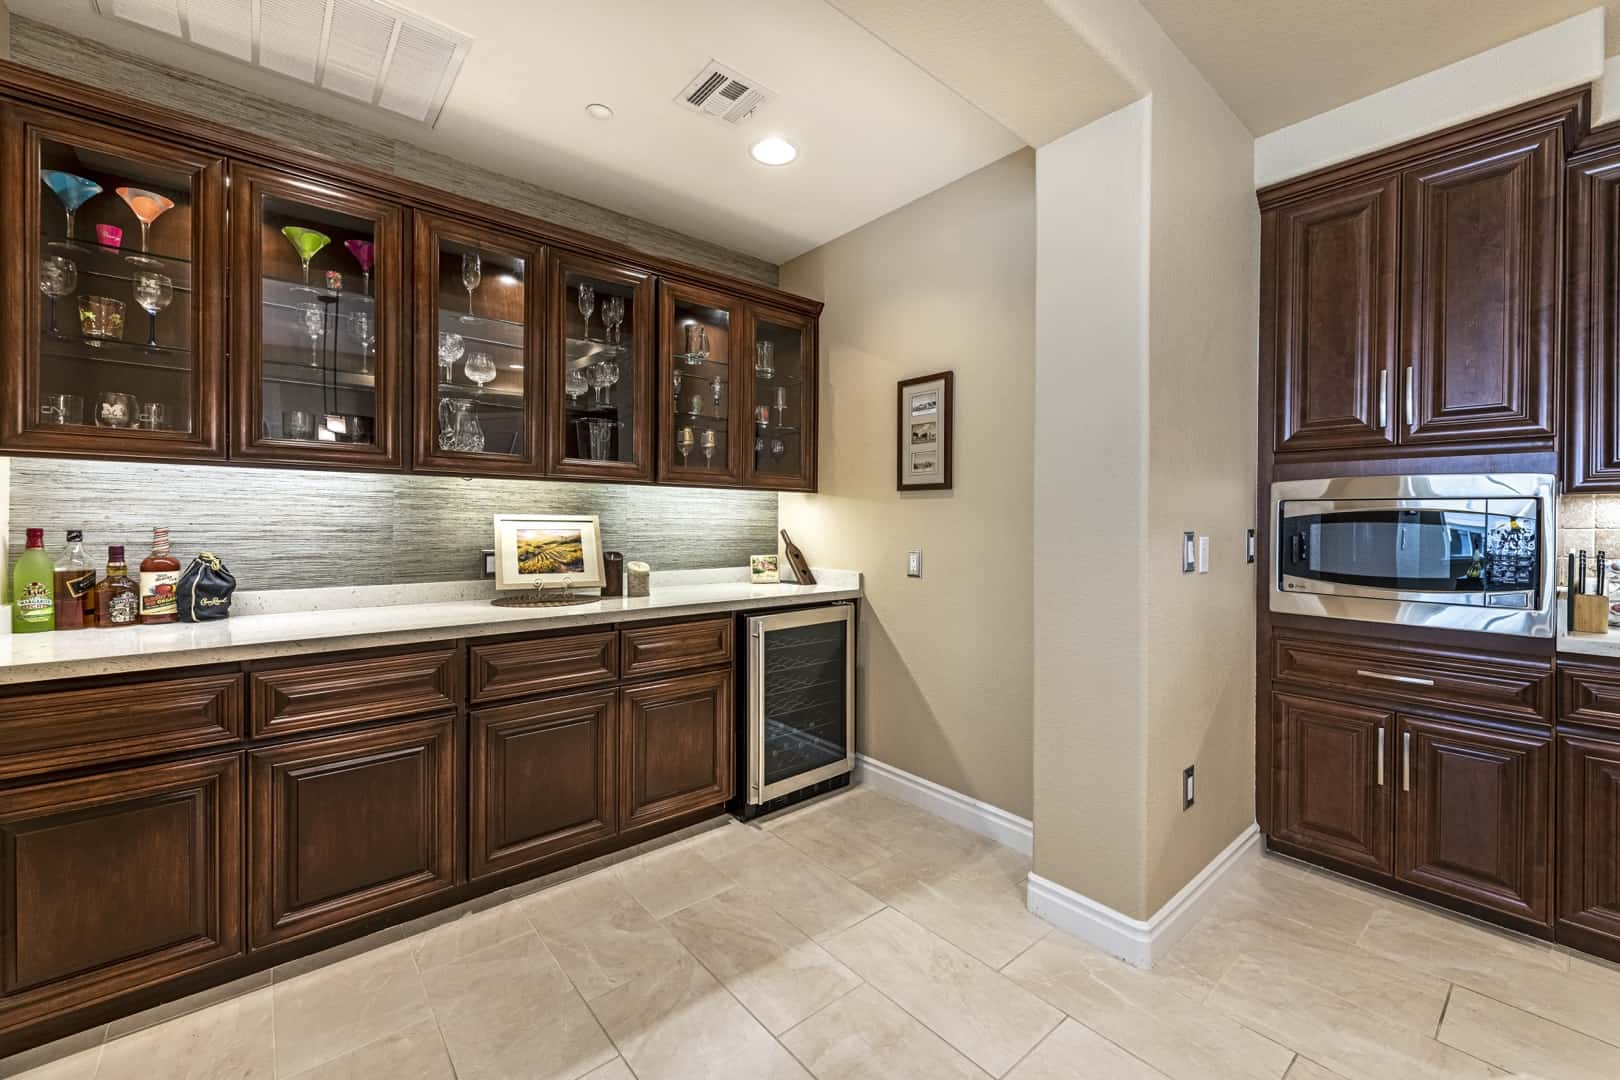 kitchen and custom bar